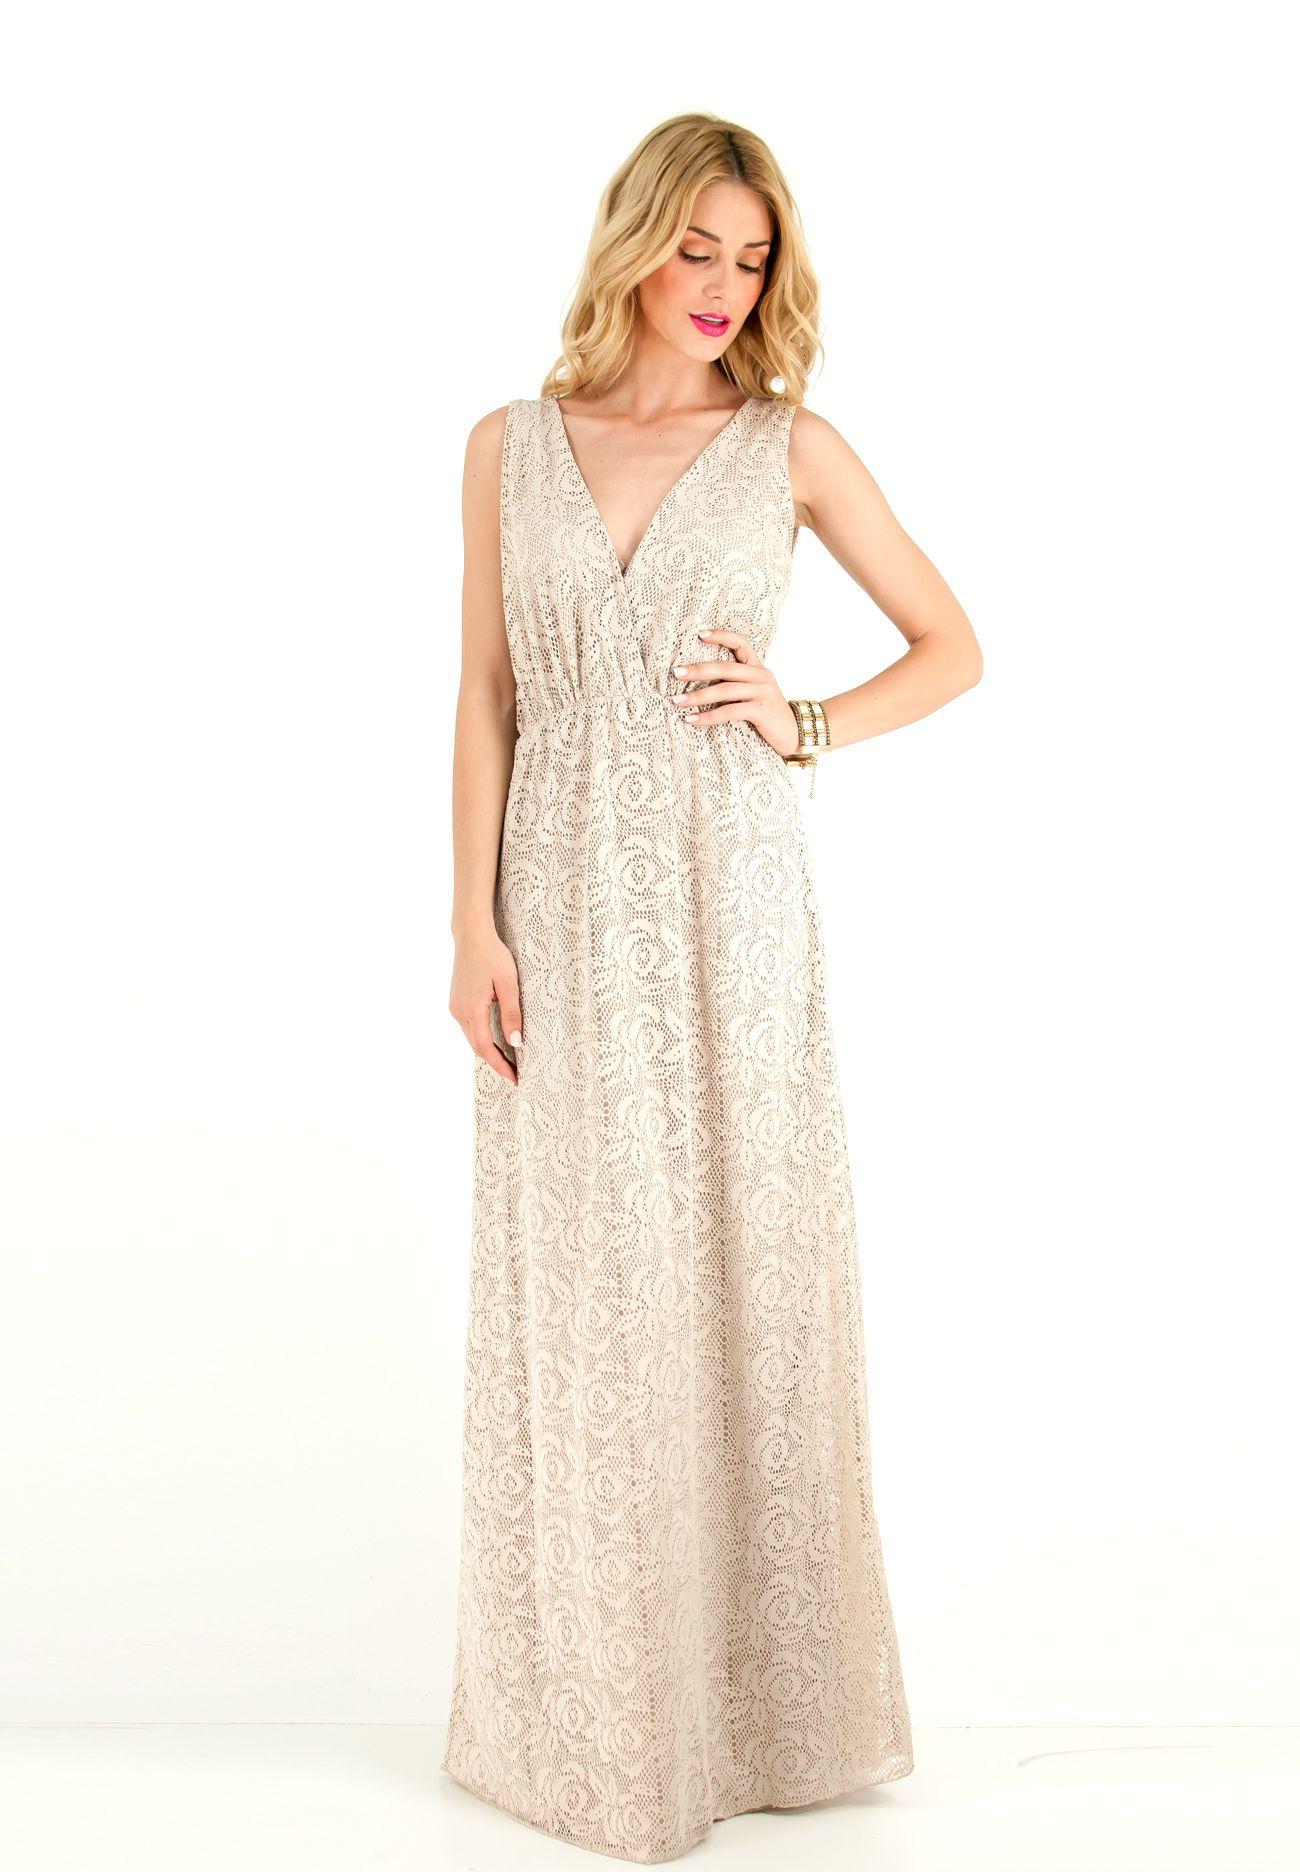 Μακρύ αμάνικο δαντελένιο κρουαζέ φόρεμα με ανοιχτή πλάτη  84832330ba5